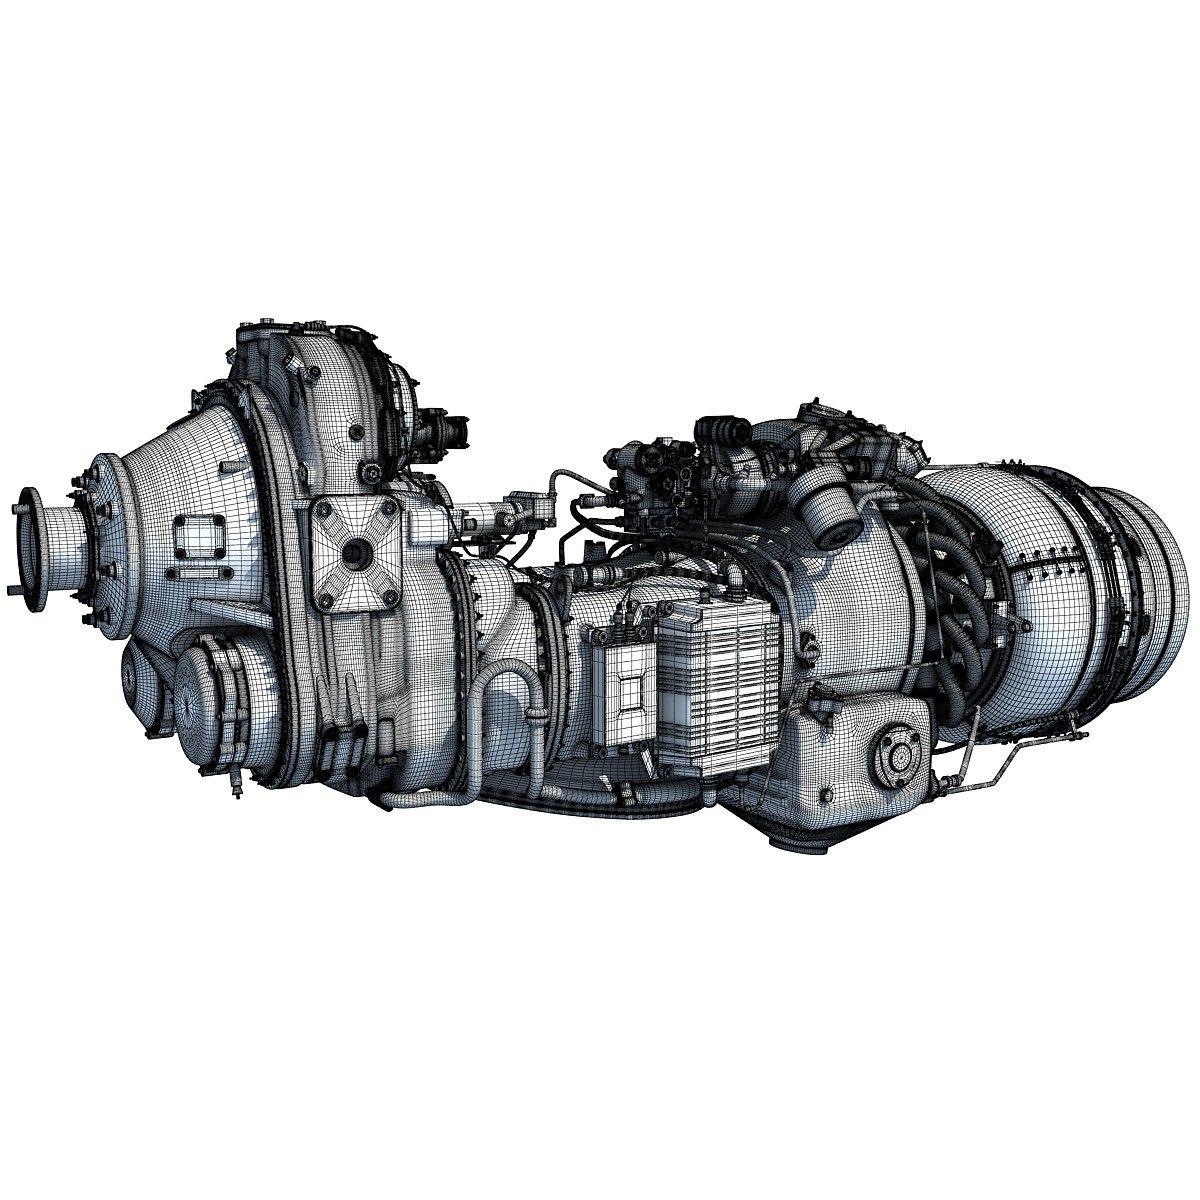 Pratt & Whitney Canada PW100 Turboprop Engine